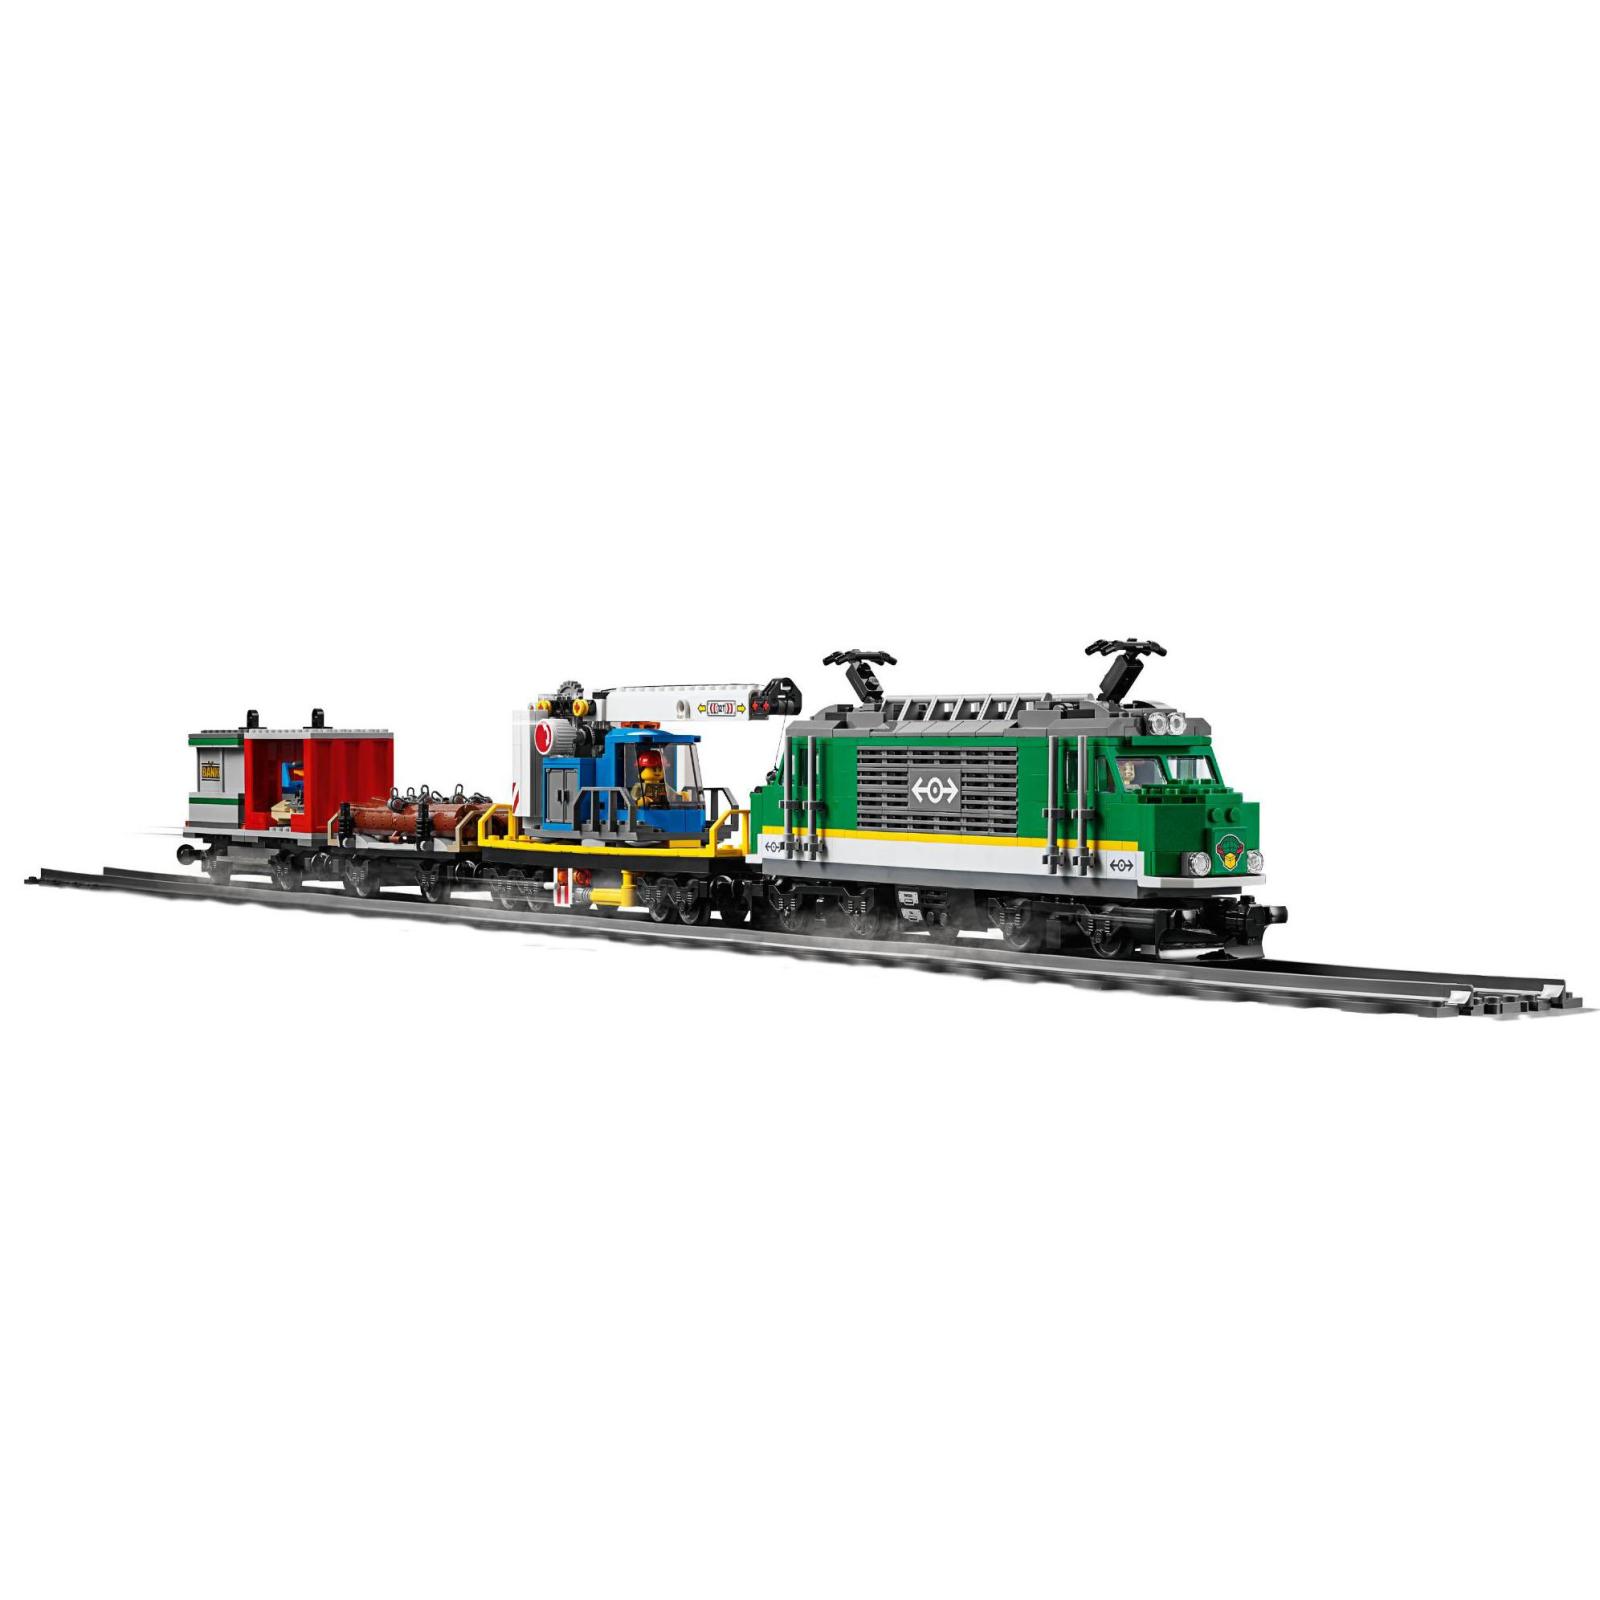 Конструктор LEGO CITY Грузовой поезд (60198) изображение 4